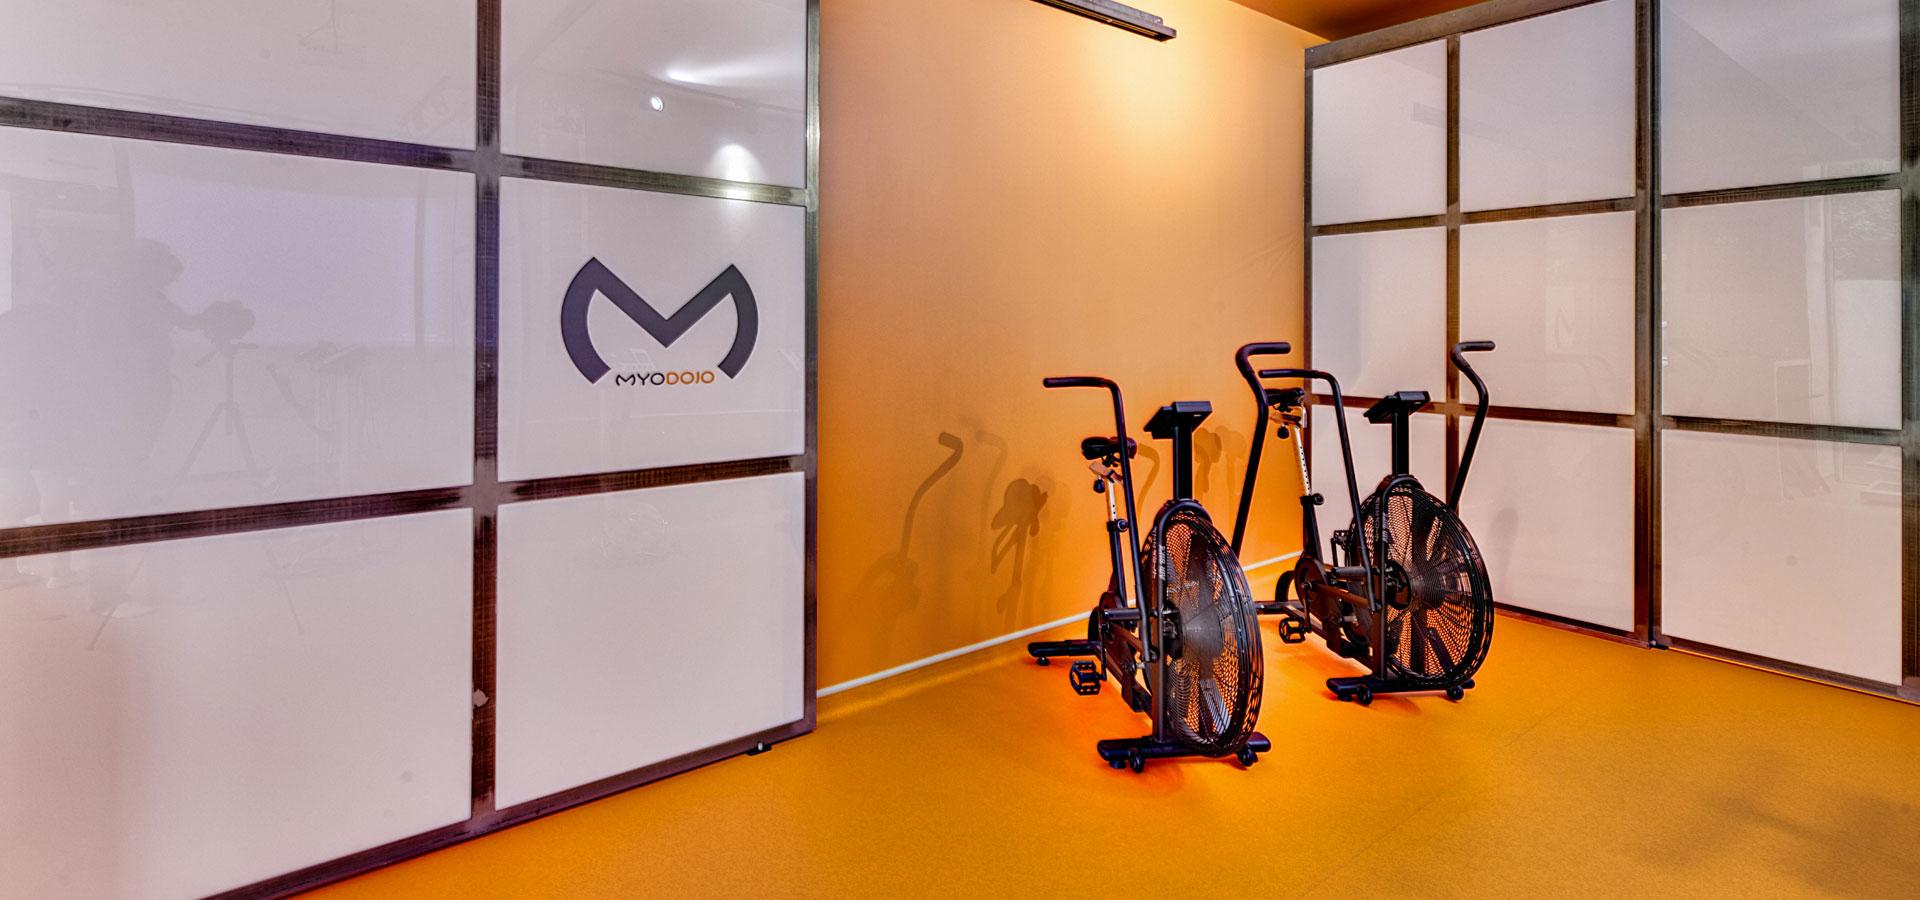 Vélo-séance-métabolique-studio-MYO-DOJO